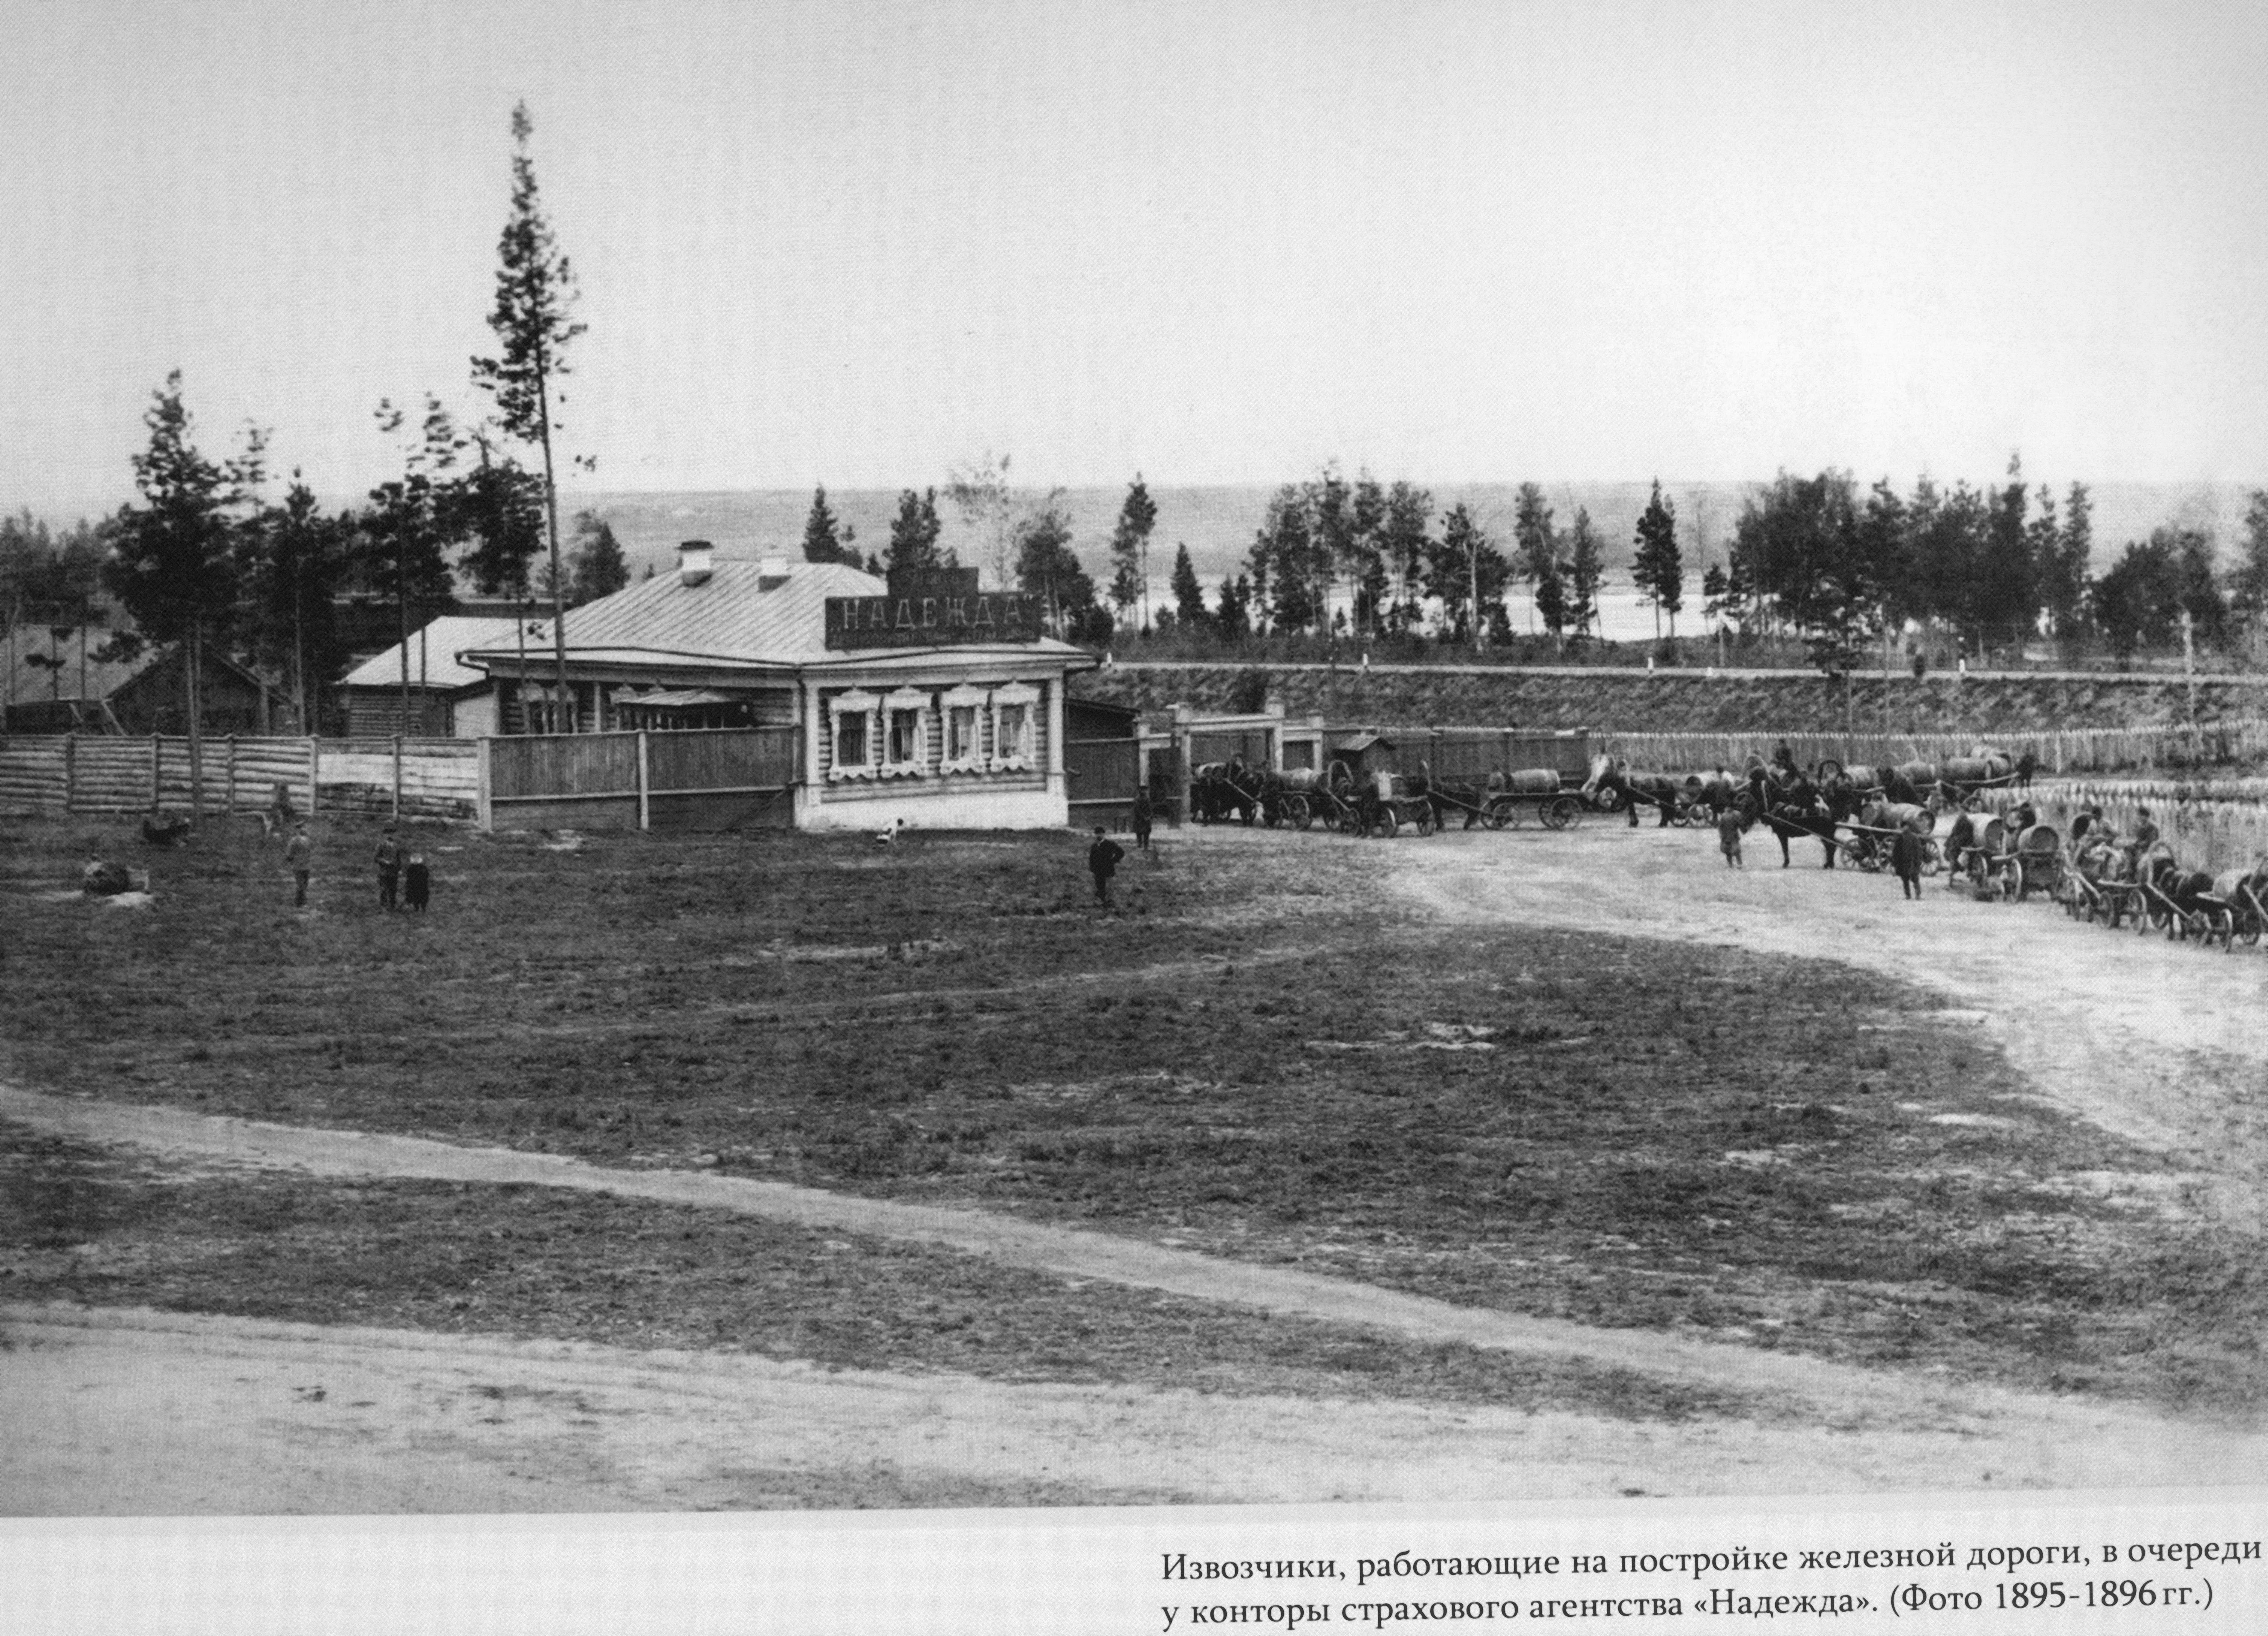 Извозчики, работающие на строительстве железной дороги, 1895